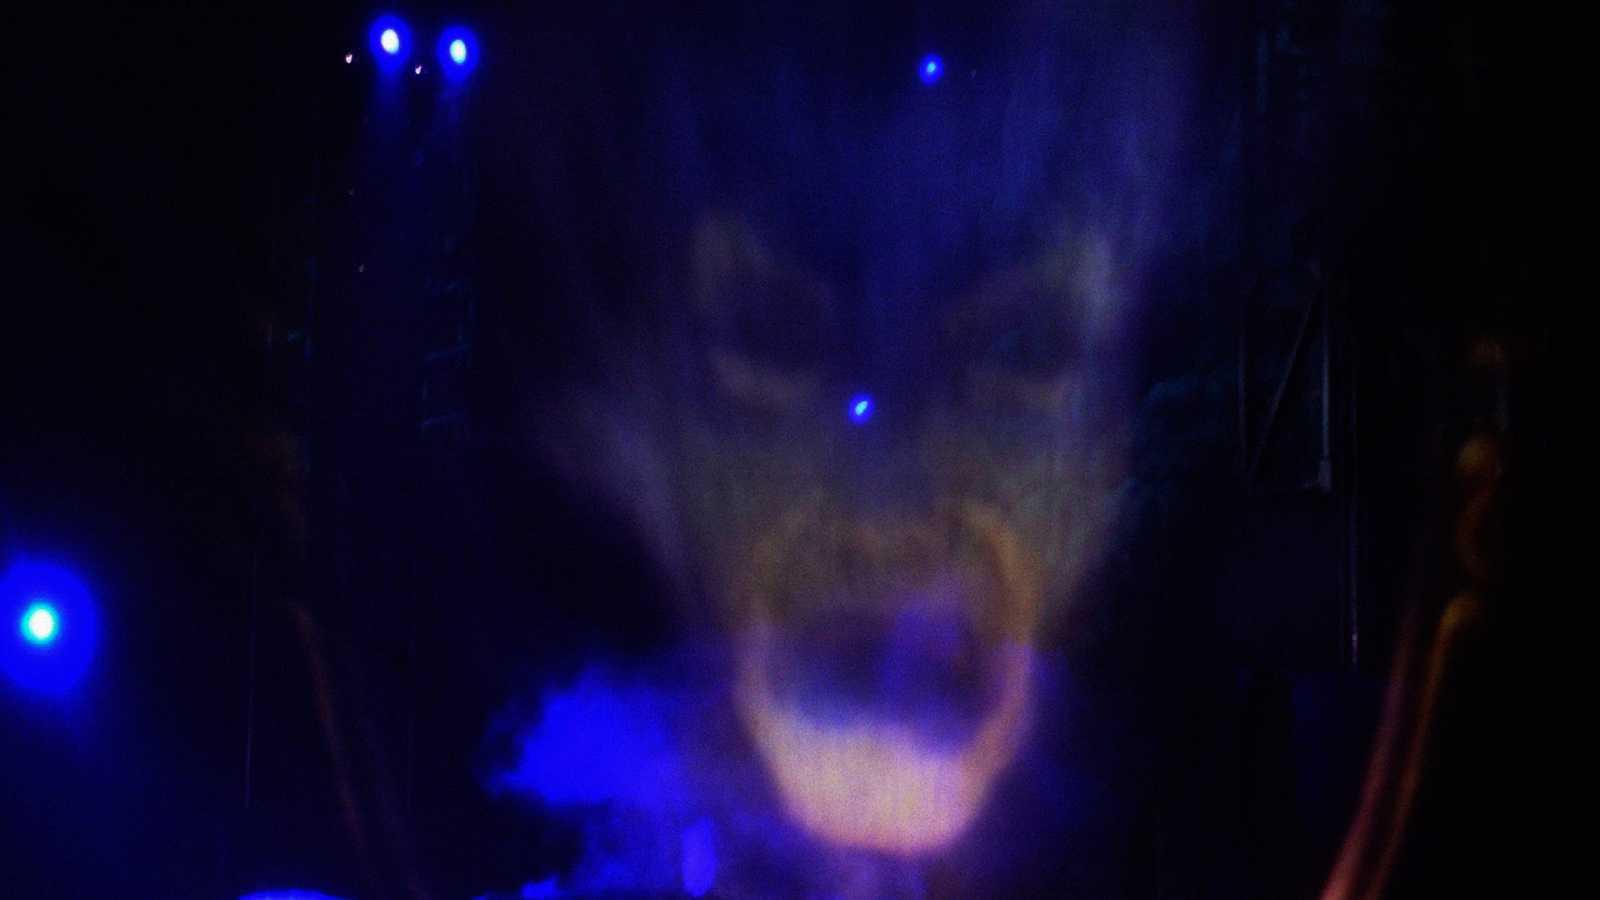 Espacio en blanco - Fantasmas y aparecidos - 04/03/18 - escuchar ahora